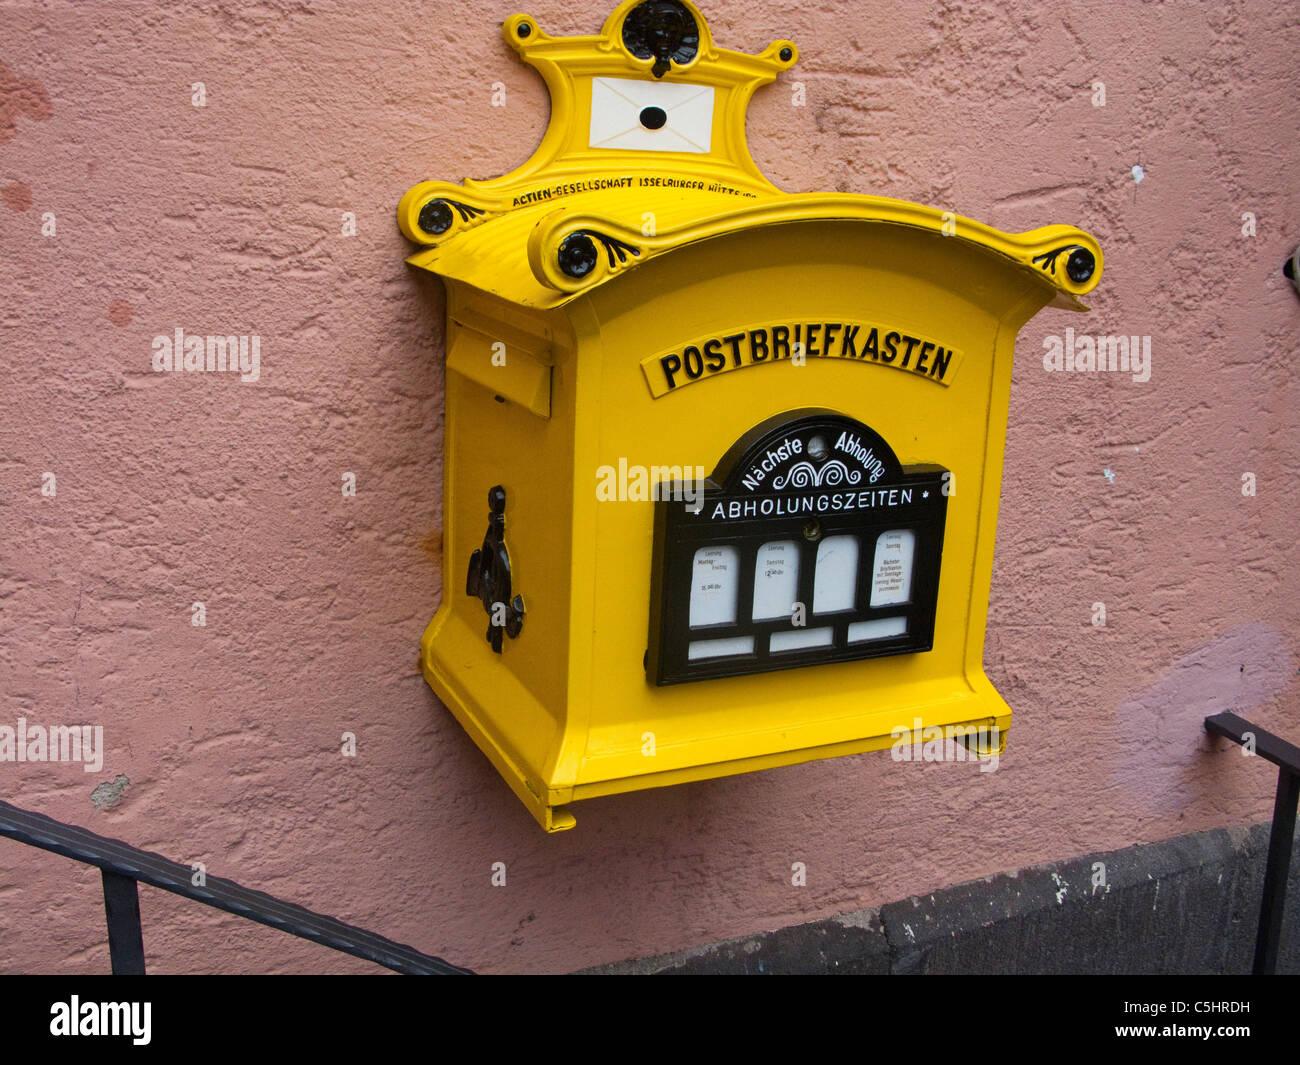 Historischer Postbriefkasten bin Rathaus Auf Dem Marktplatz, Historischer Stadtkern, Cochem, alte historische Briefkasten, Stockbild